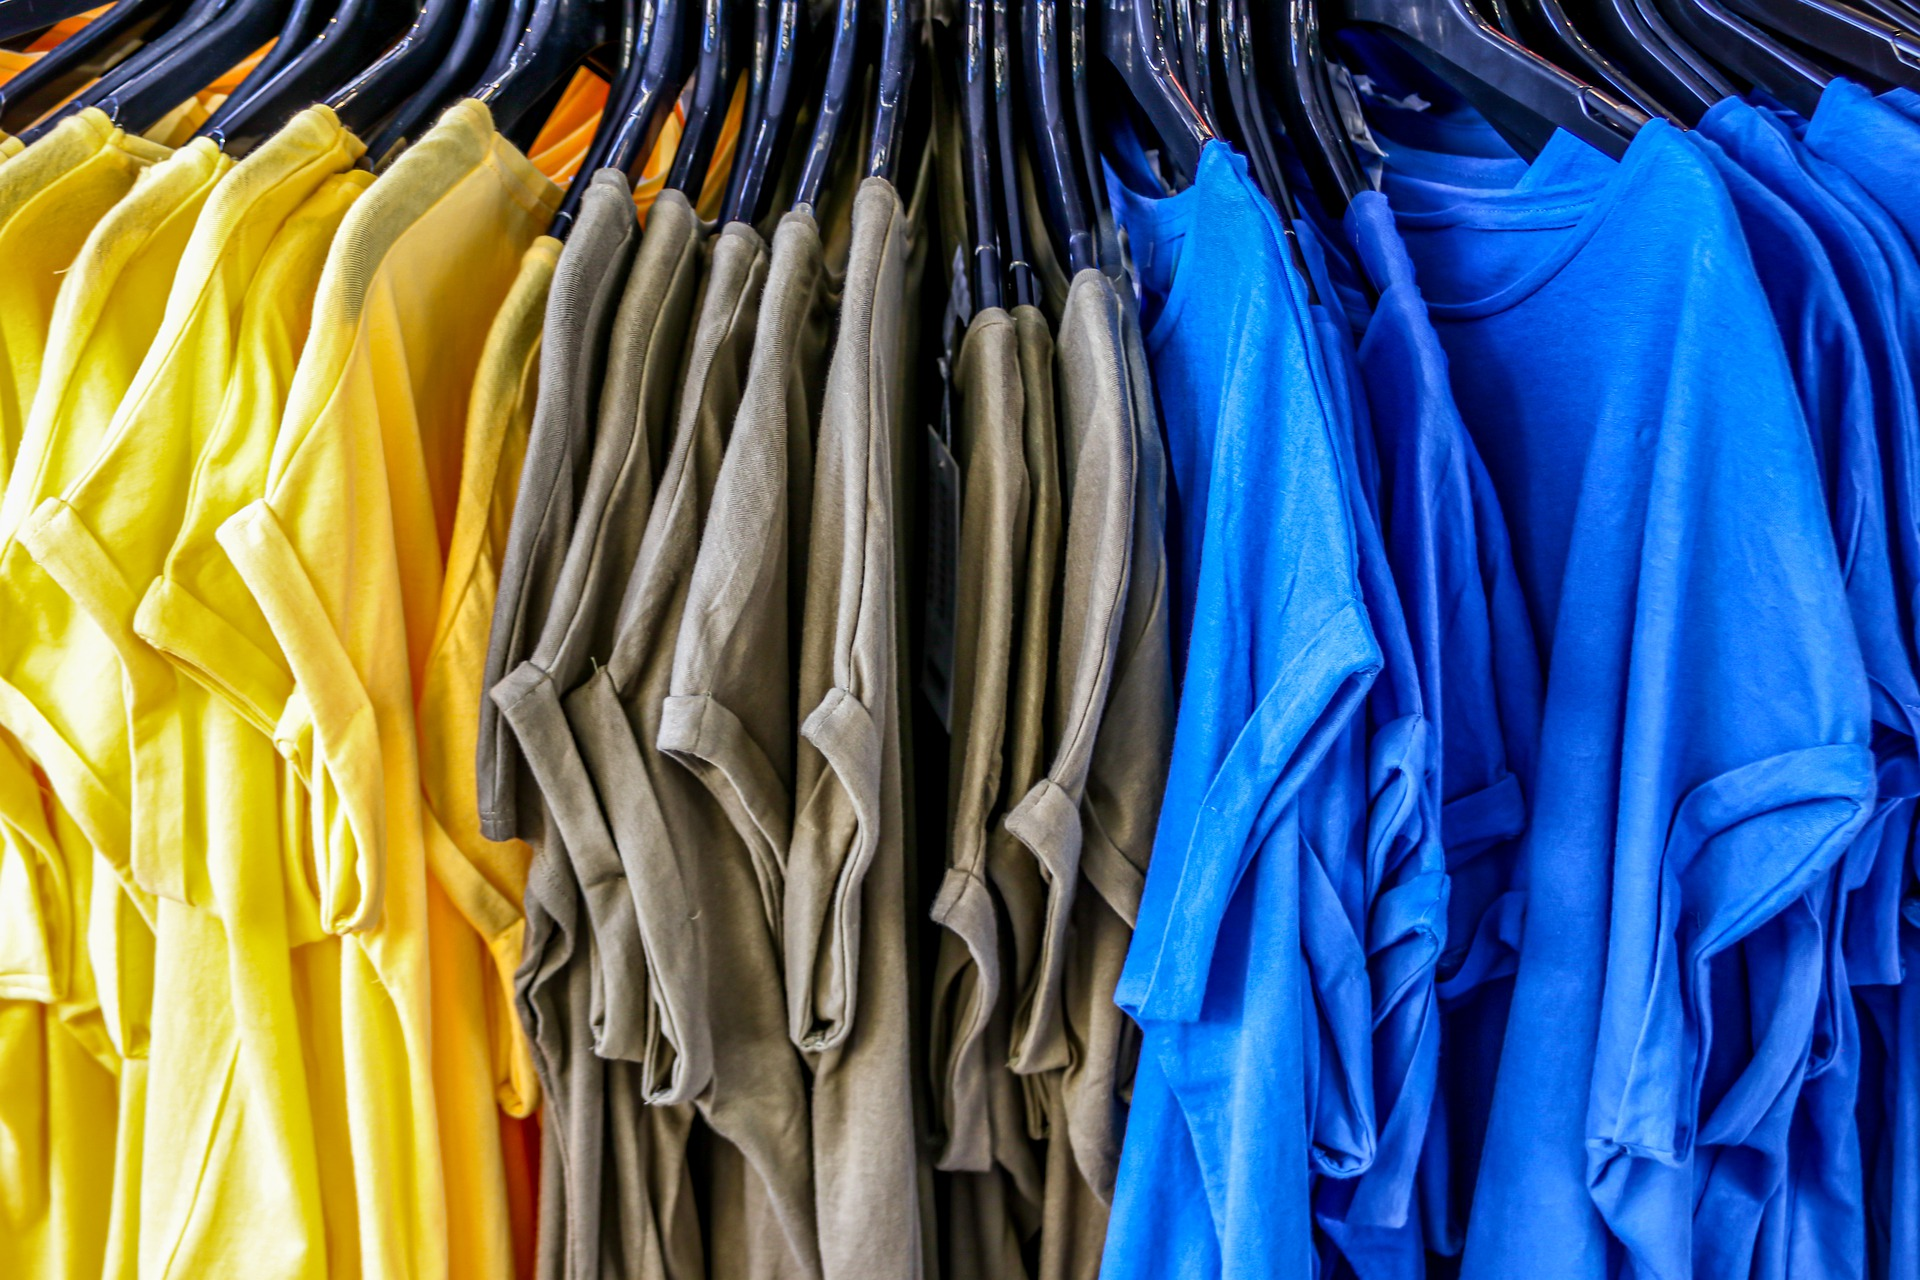 široký sortiment oblečení